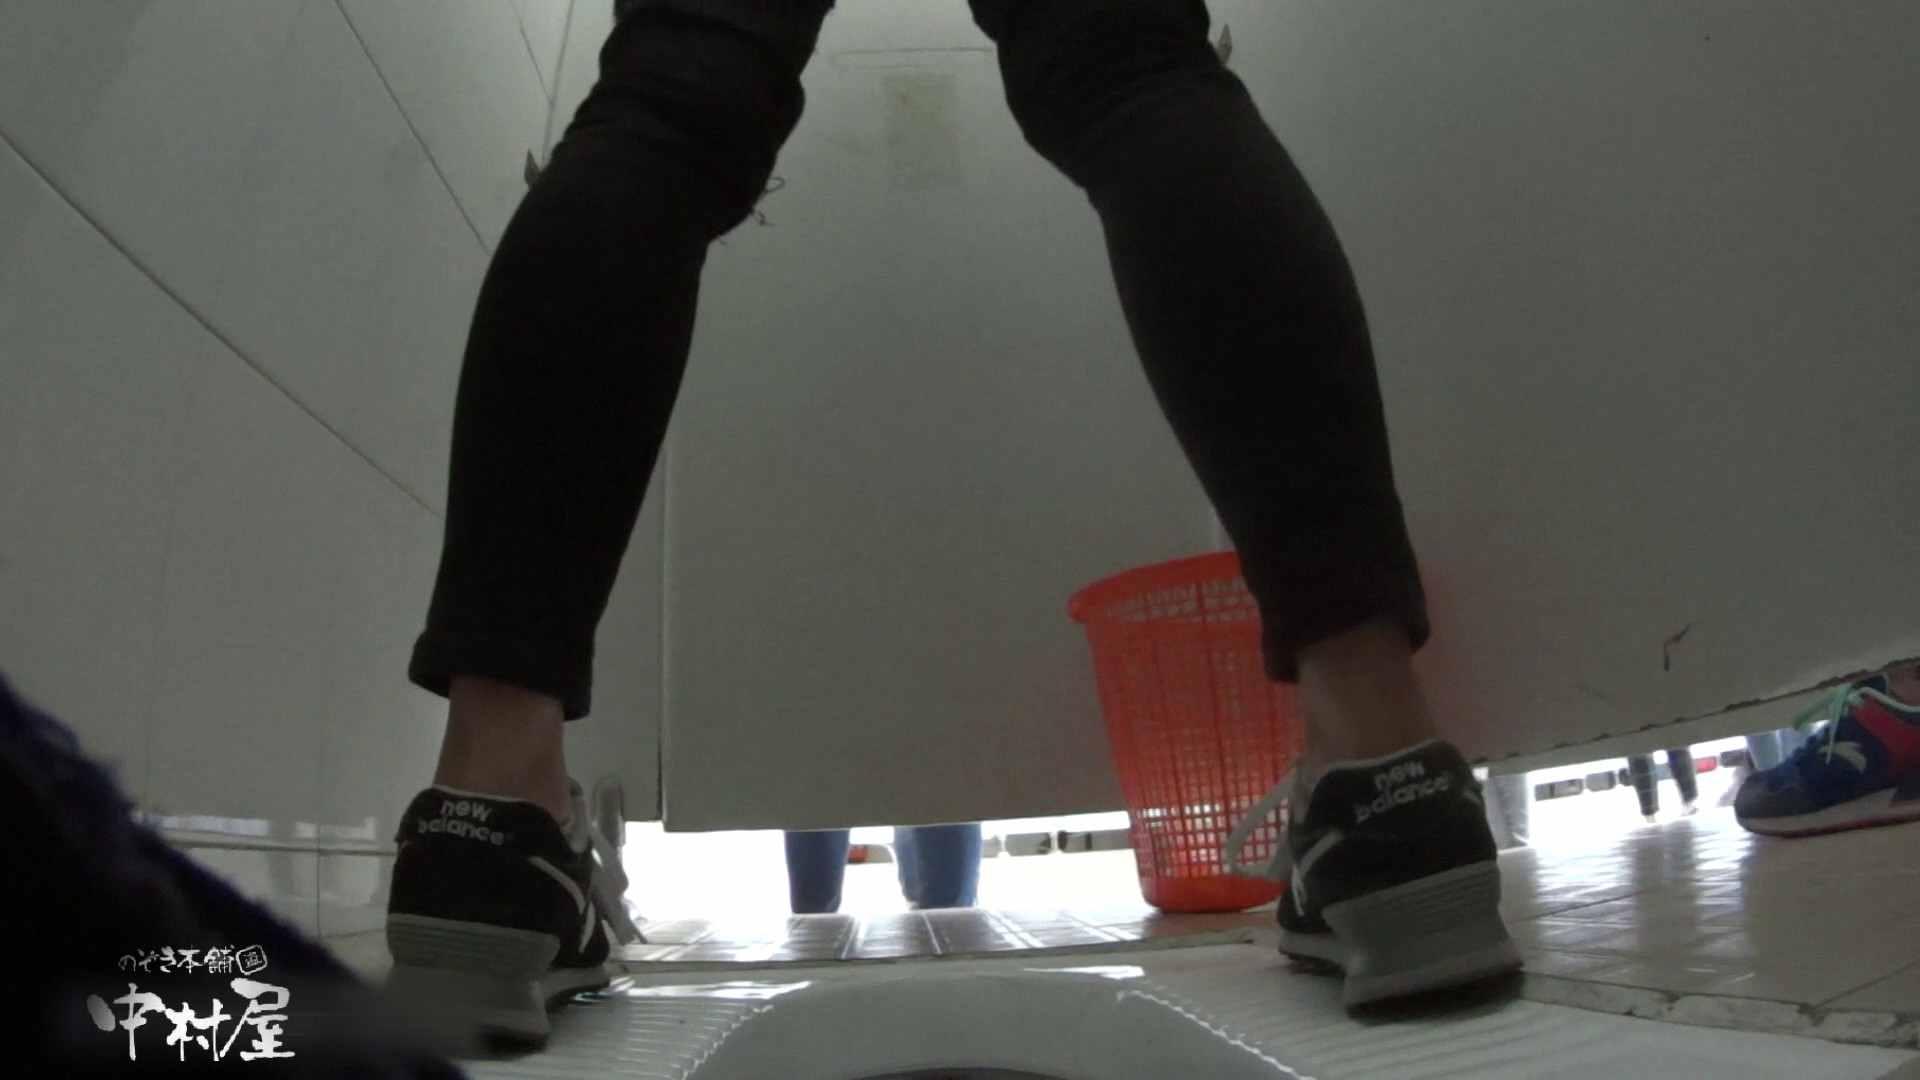 色気のある眼鏡さんの放nyo大学休憩時間の洗面所事情28 洗面所 | Hなお姉さん  78pic 43